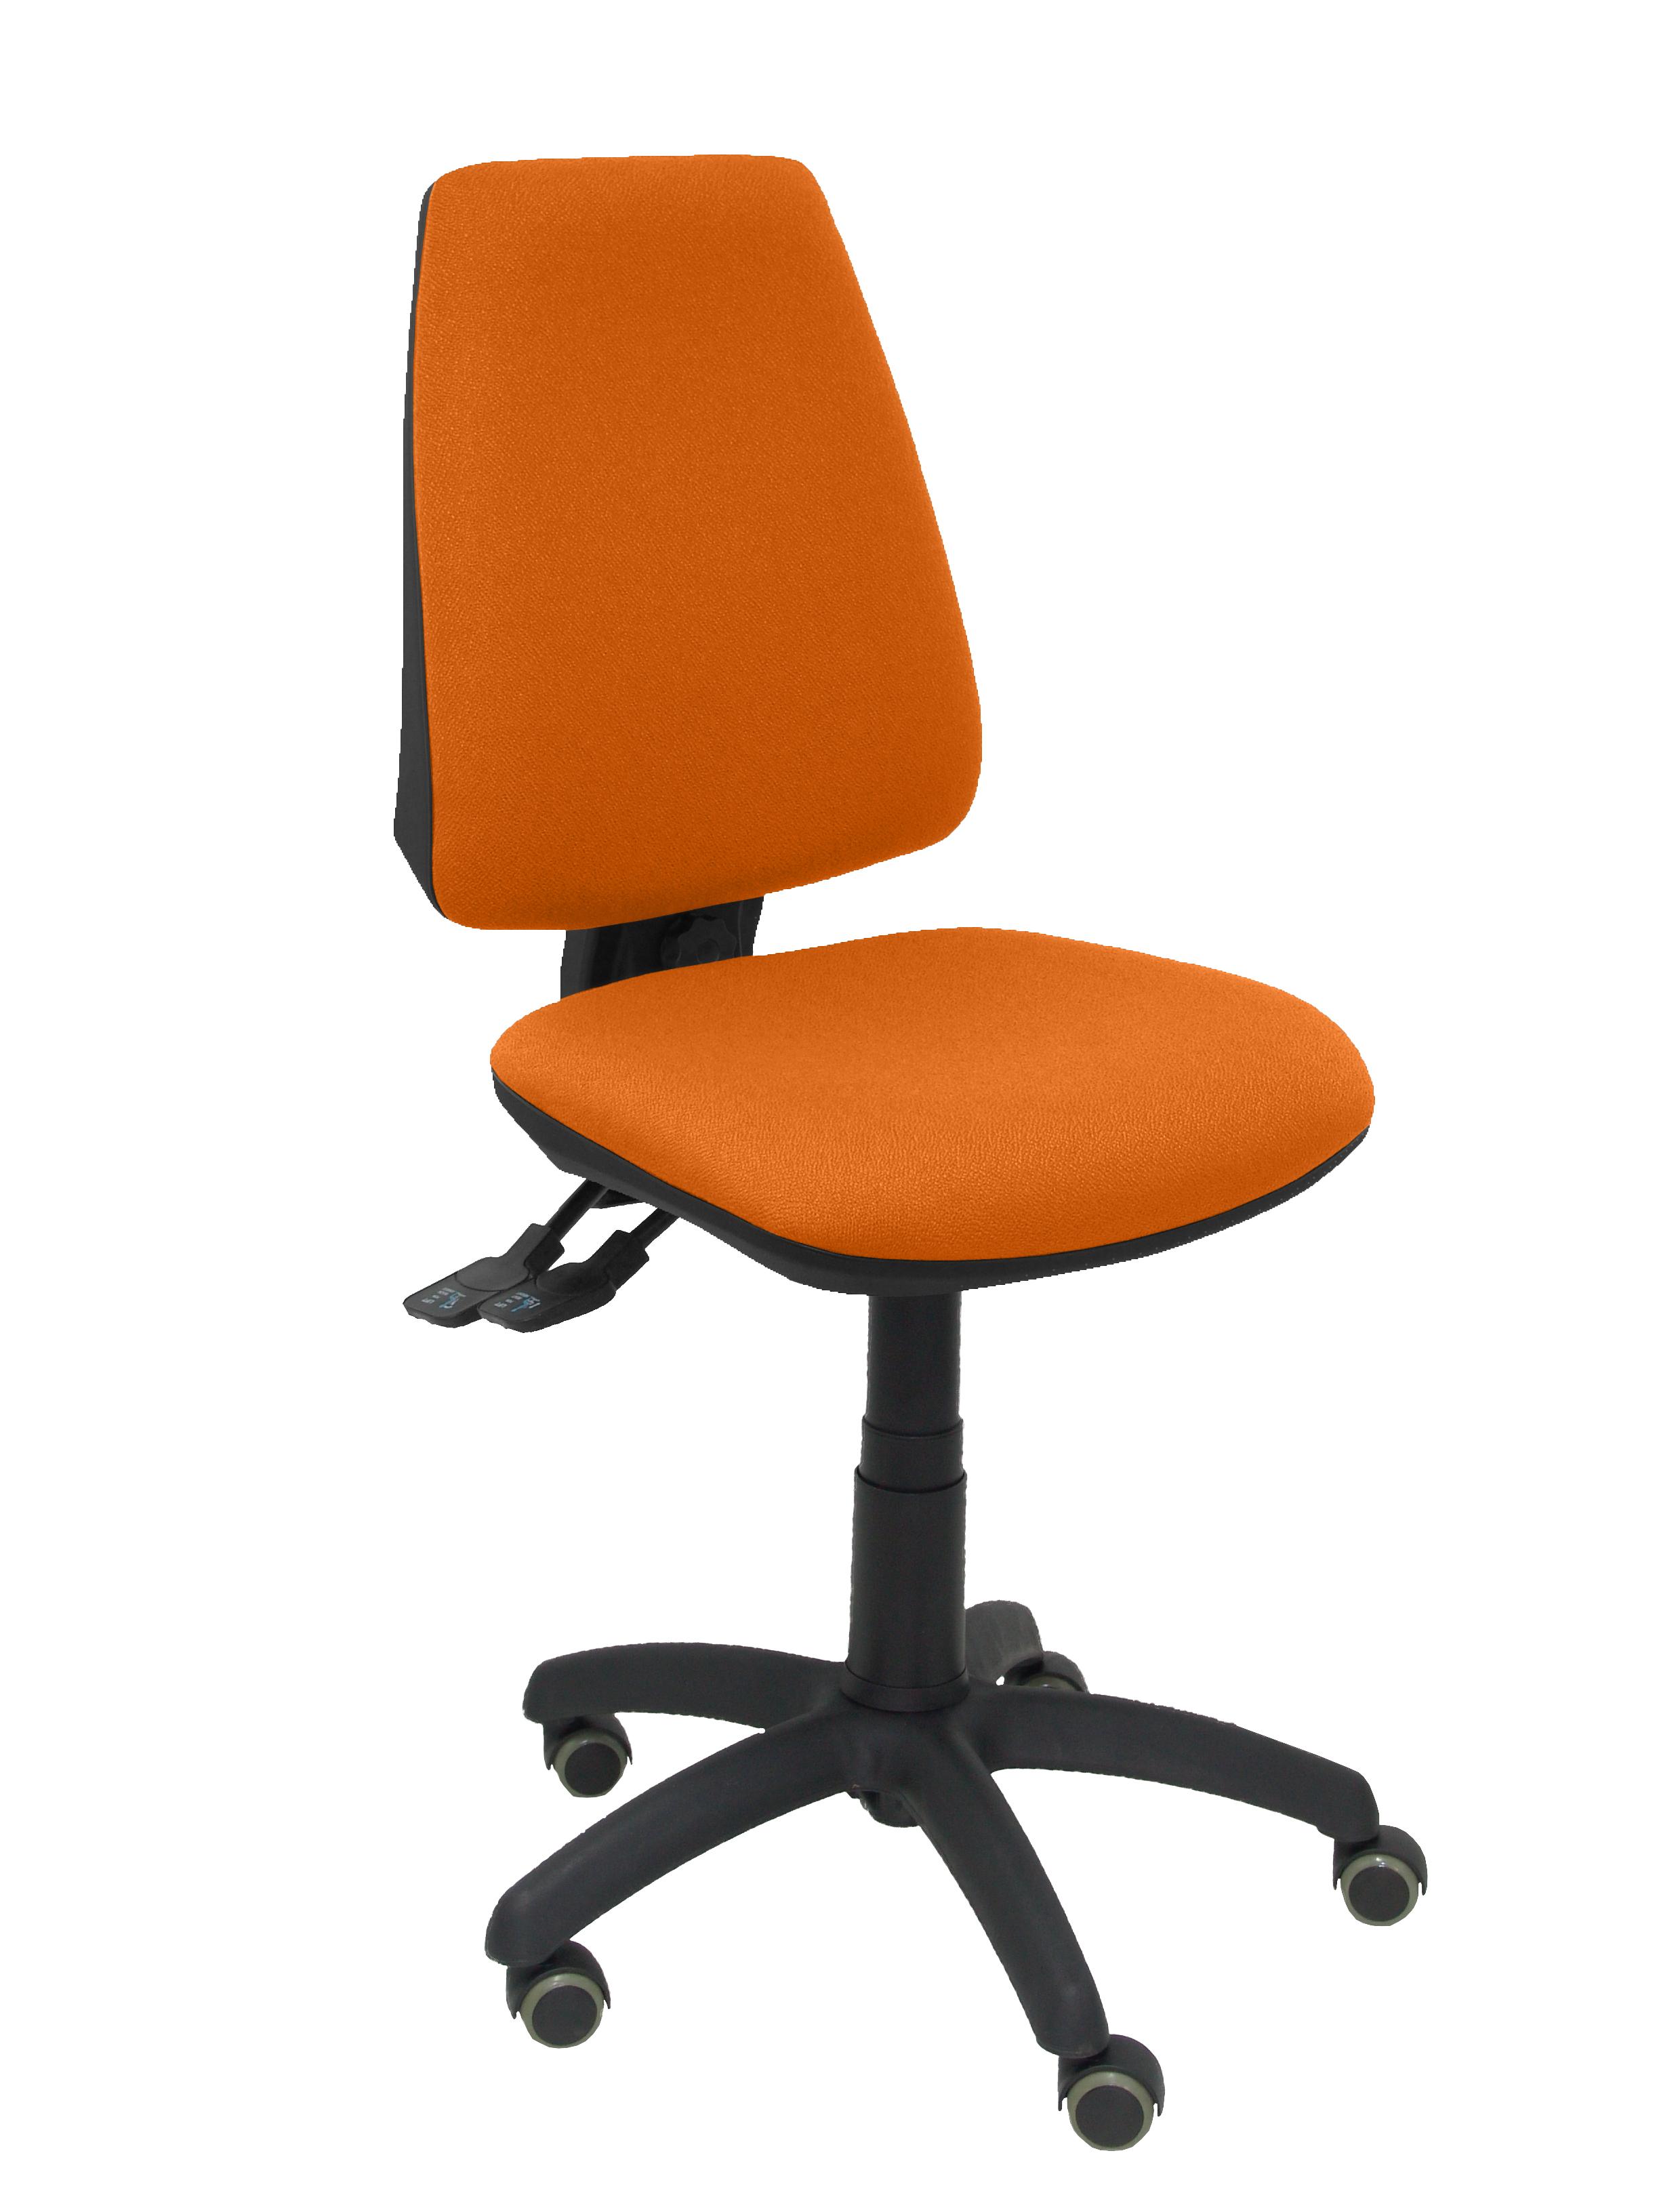 Silla Elche S bali naranja ruedas de parquet